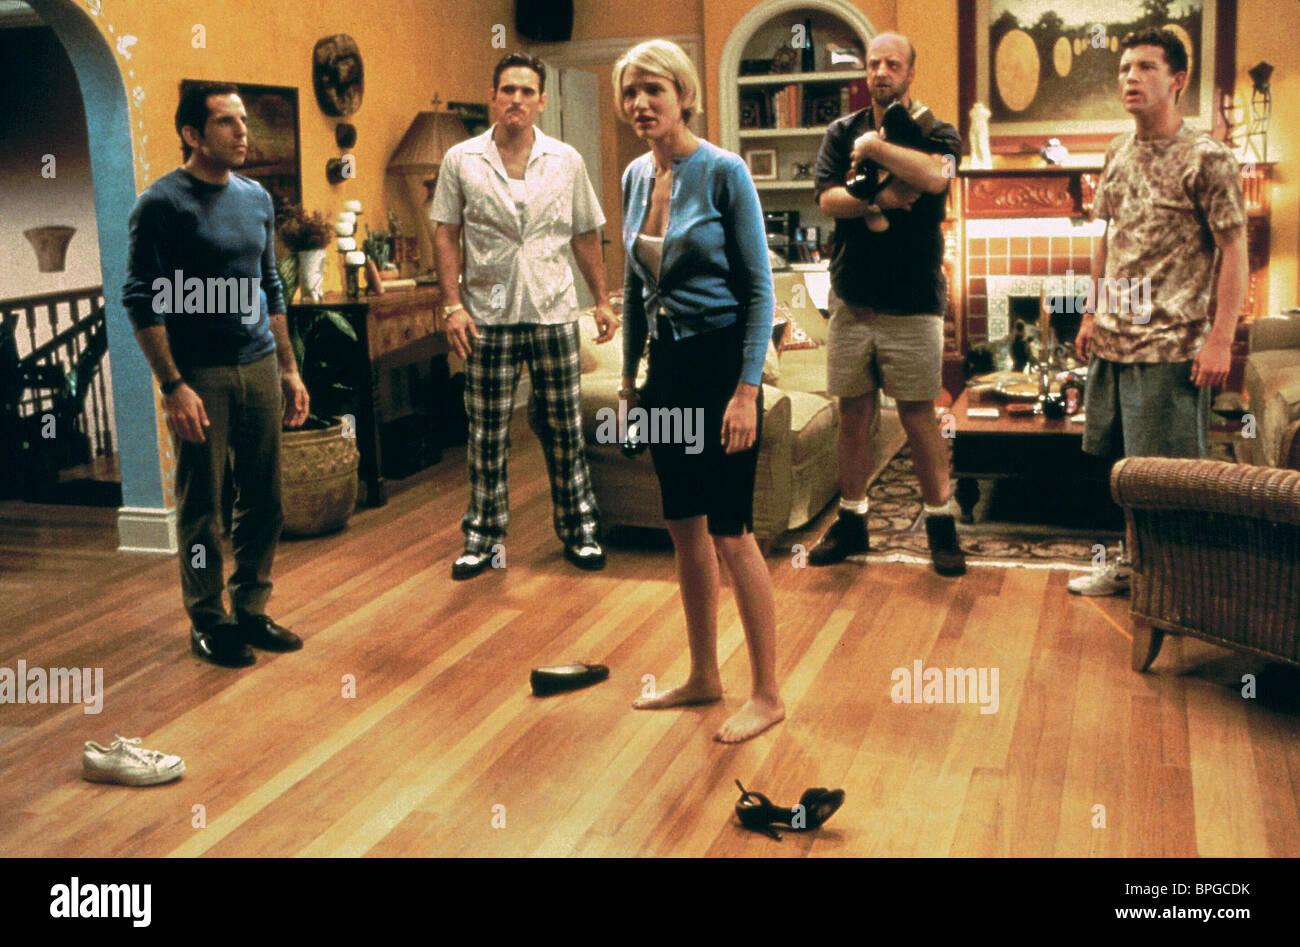 BEN STILLER, MATT DILLON, CAMERON DIAZ, CHRIS ELLIOTT, LEE EVANS, THERE'S SOMETHING ABOUT MARY, 1998 - Stock Image